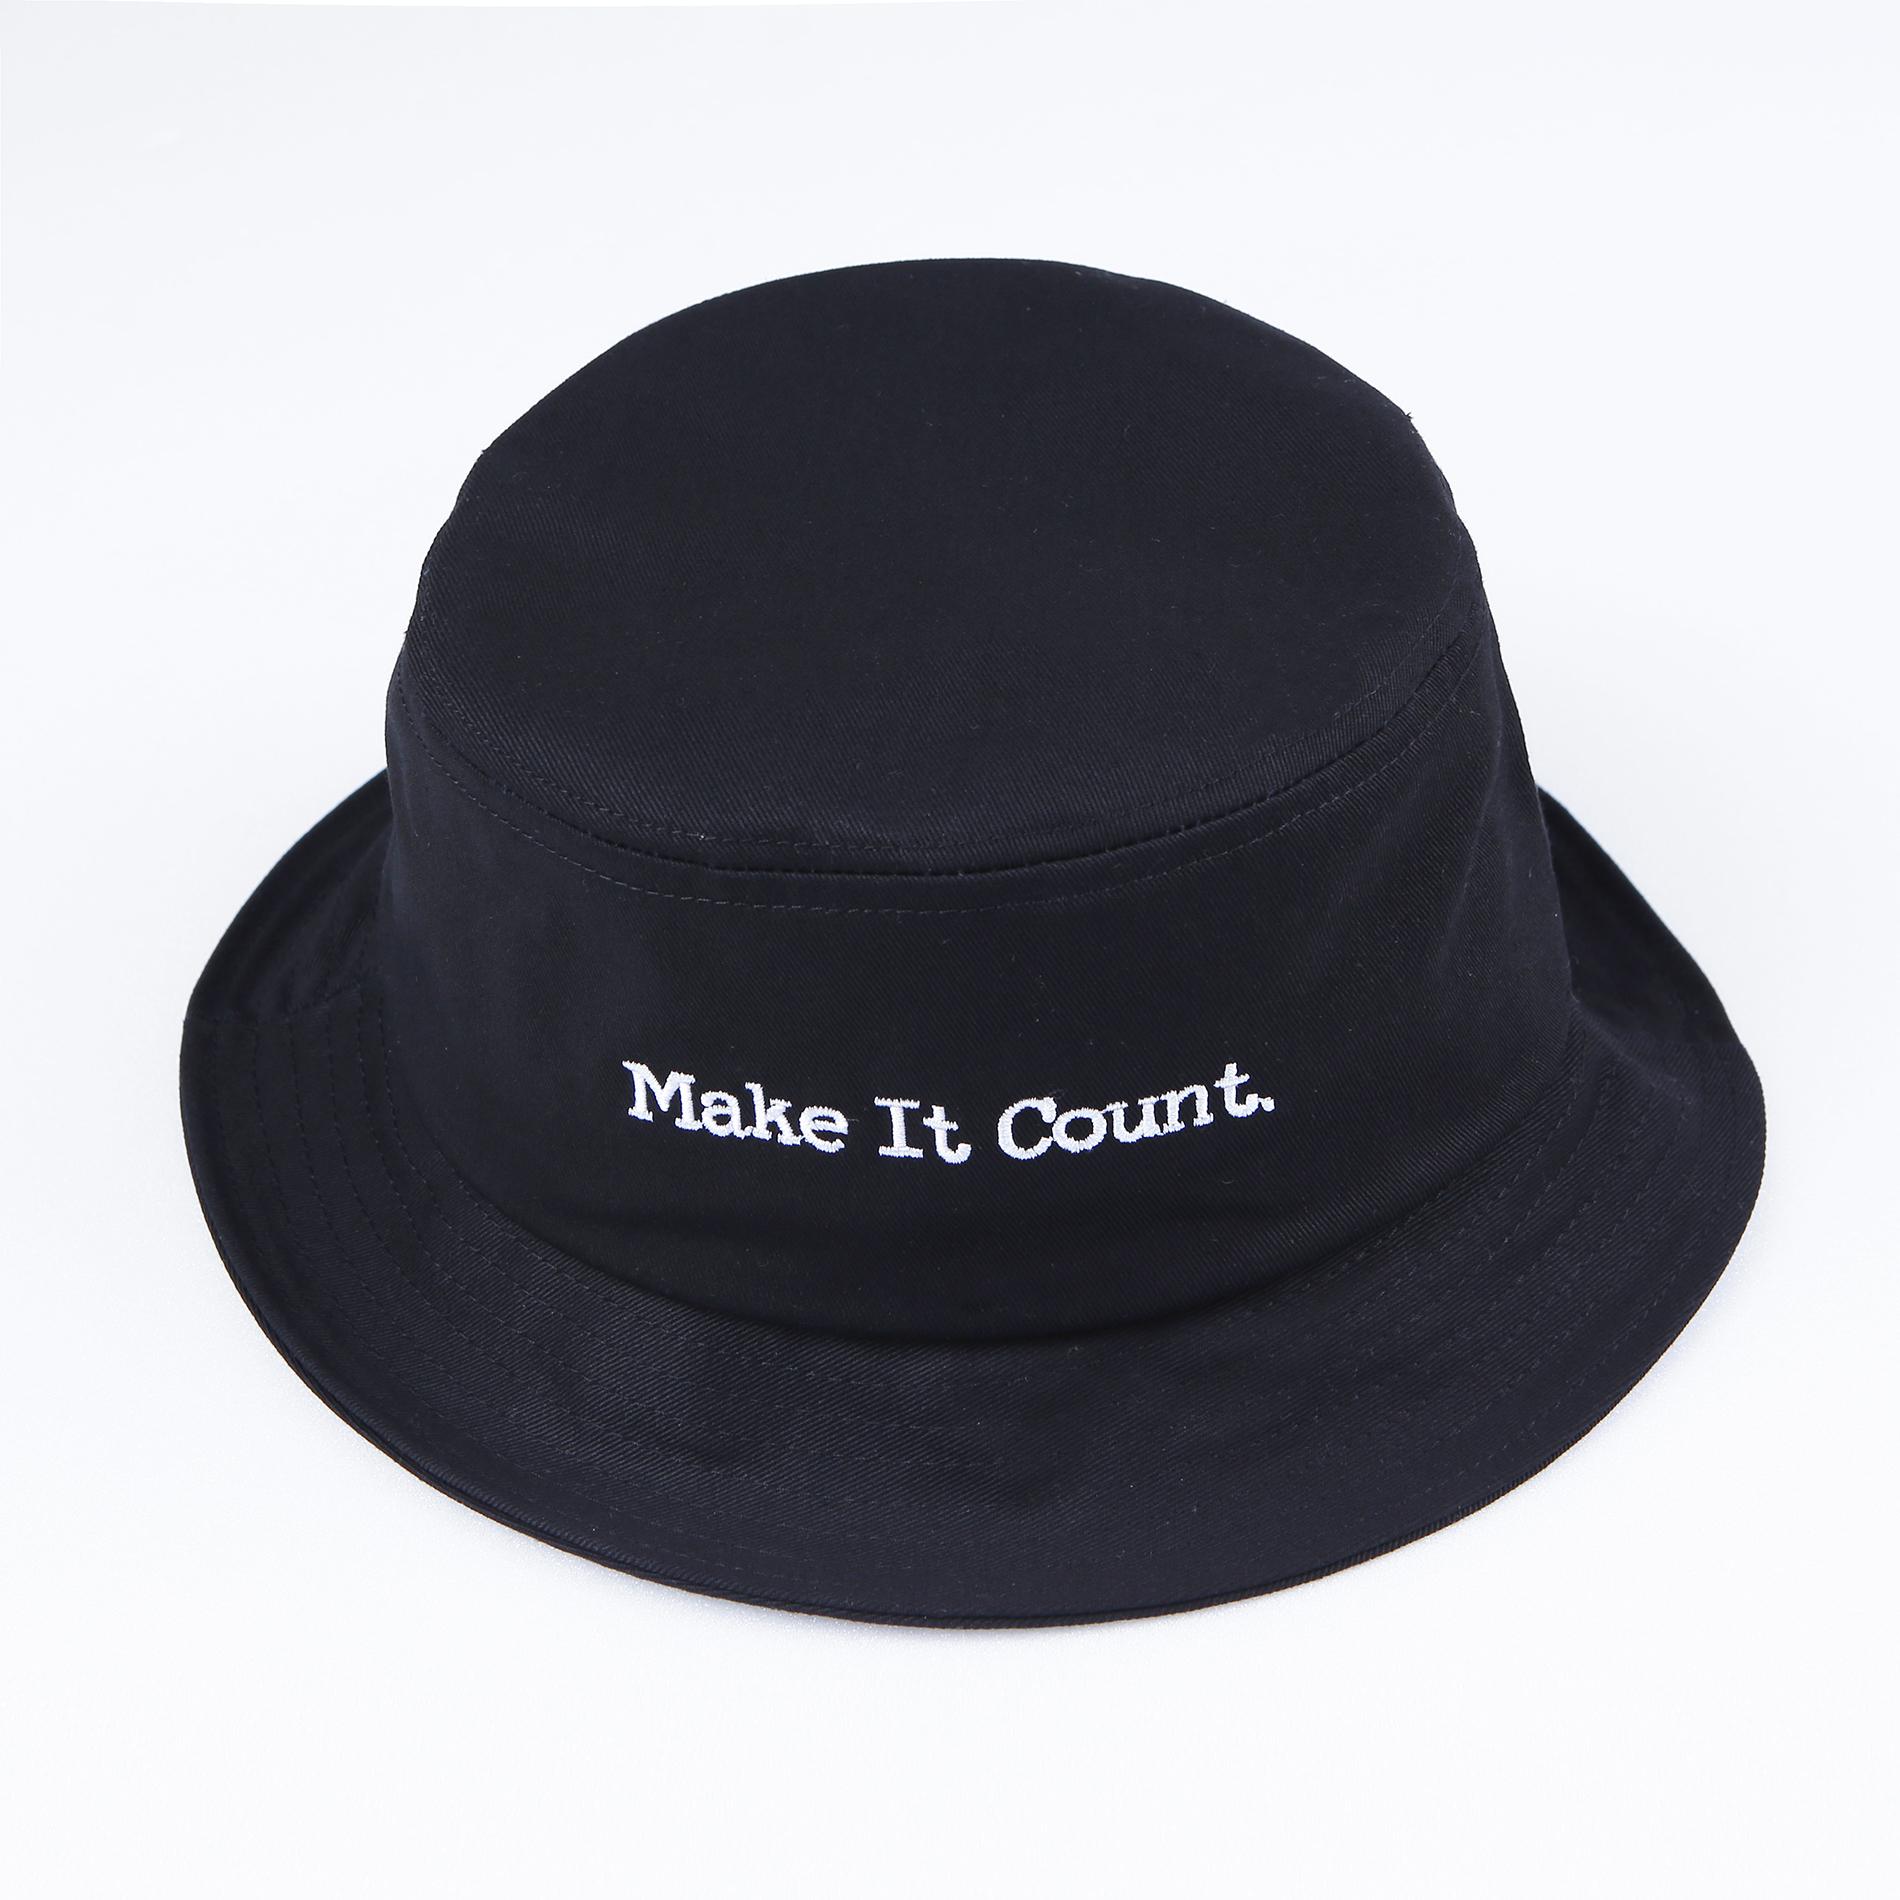 [YOLO KOREA] Make It Count 버킷햇